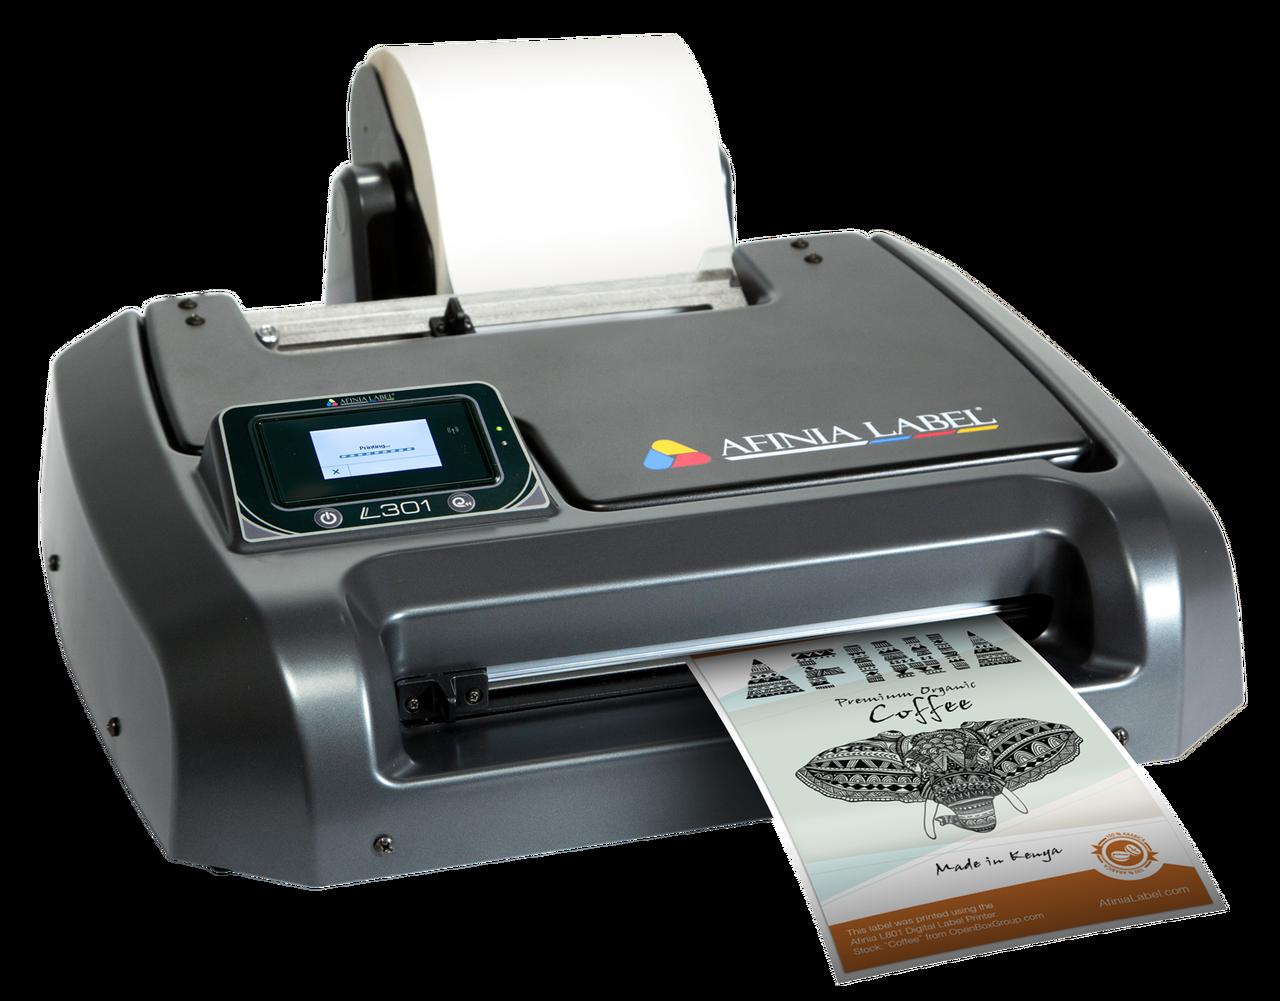 Color Label Printers - Color Label Makers - ArgonStore.com